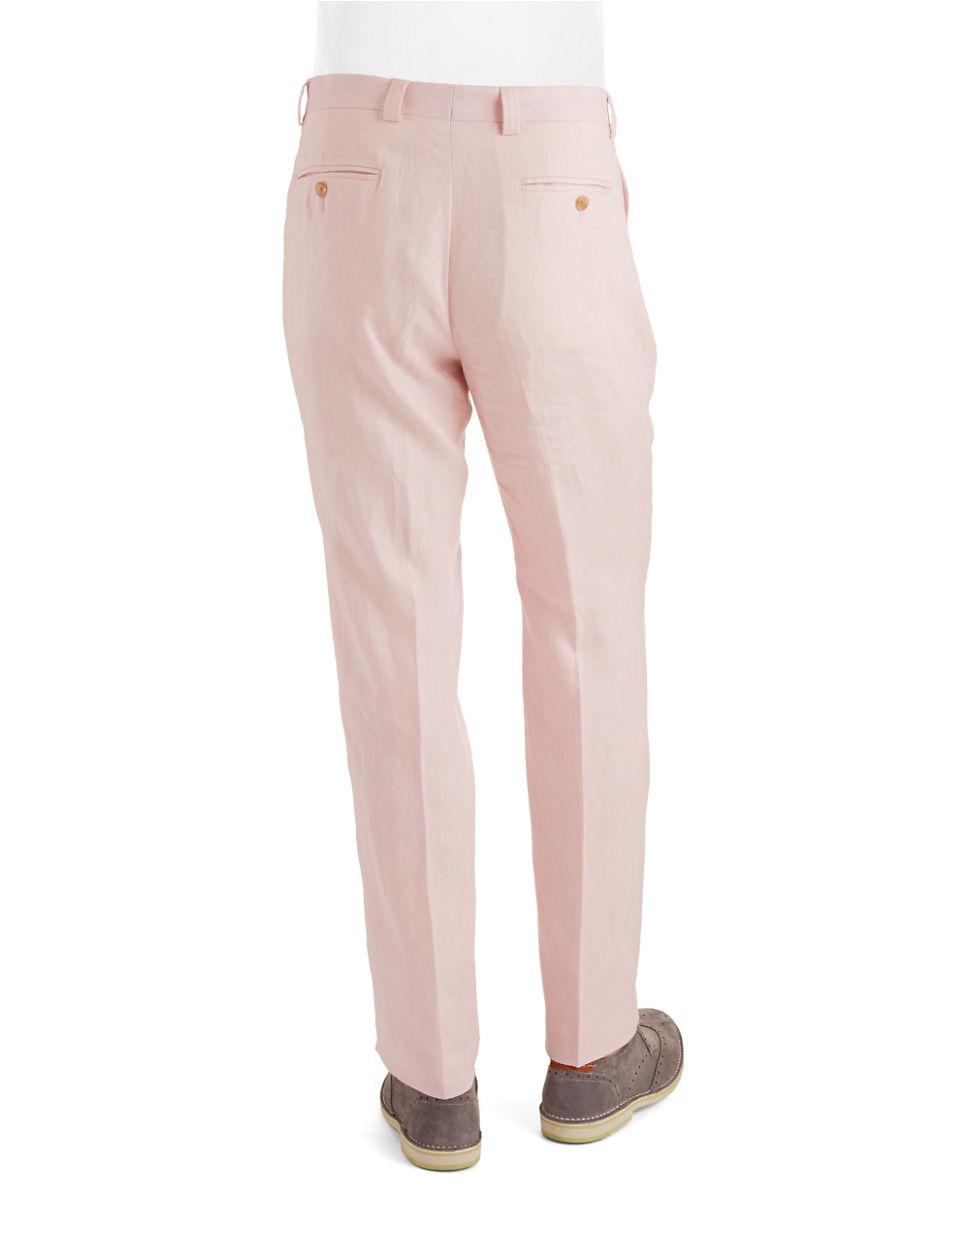 Lauren by ralph lauren Solid Linen Pants in Pink for Men | Lyst